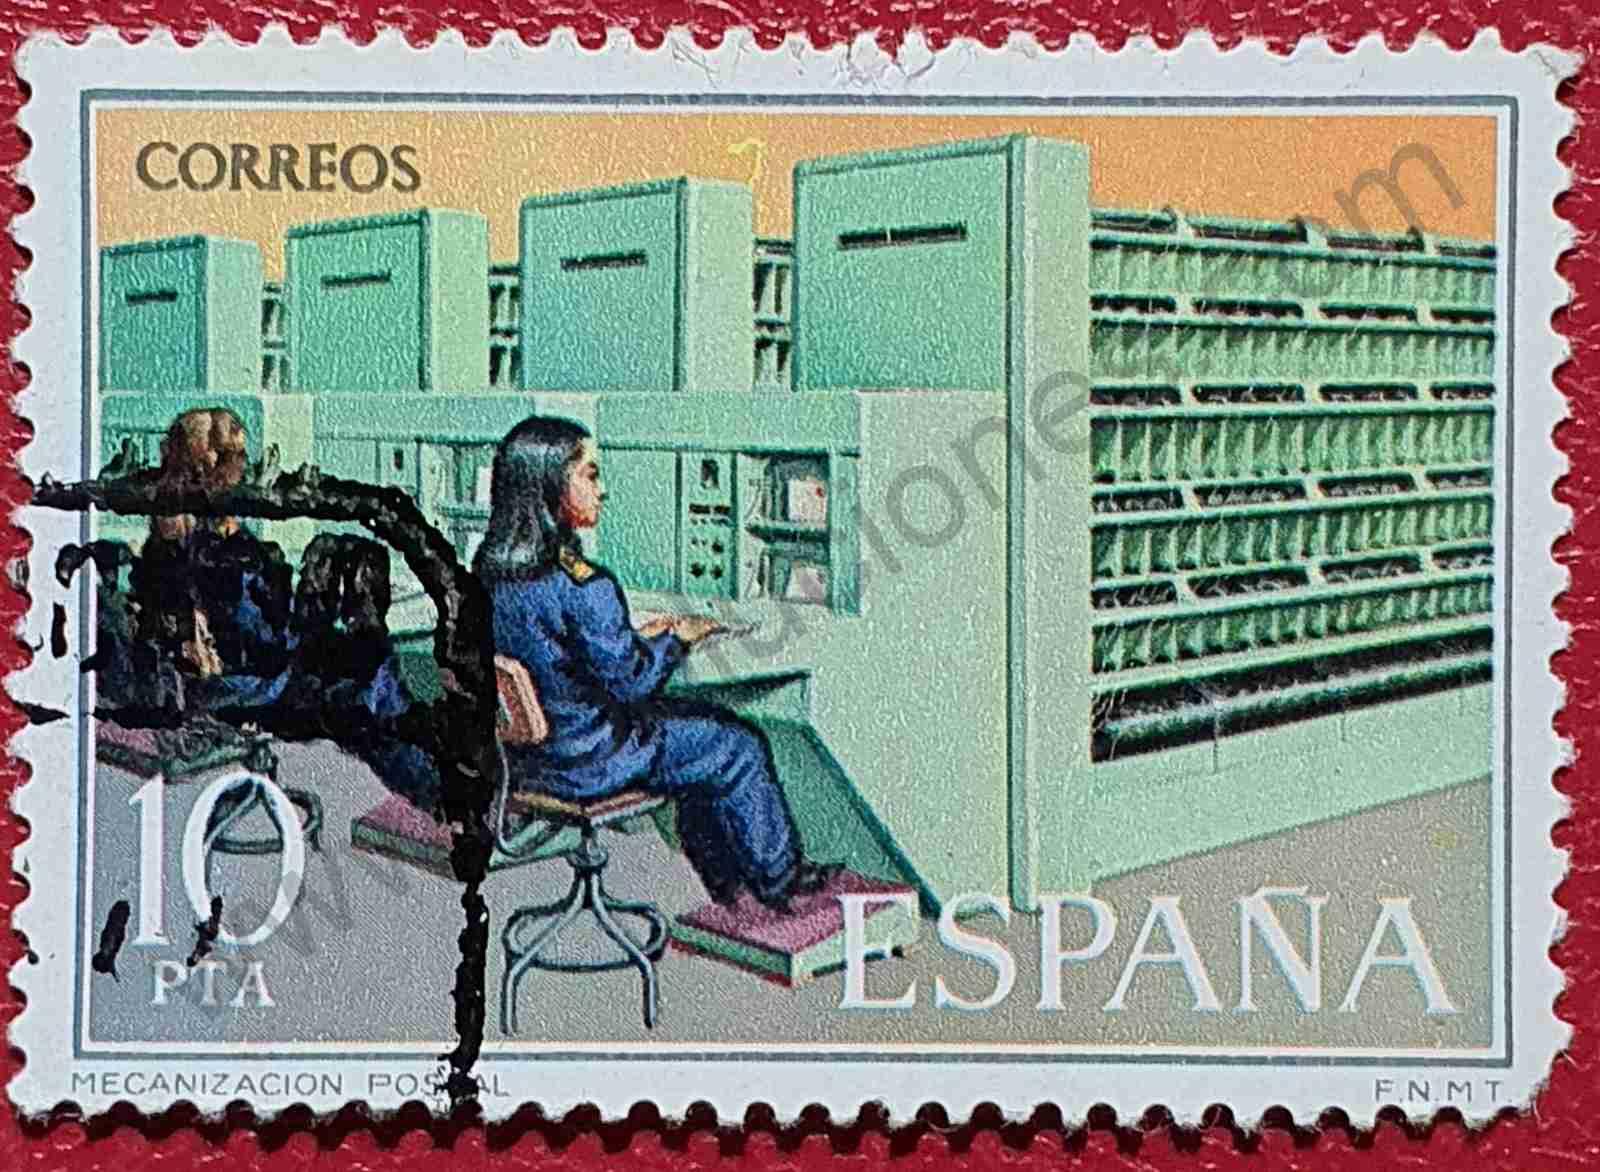 Sello Mecanizado postal - España 1976